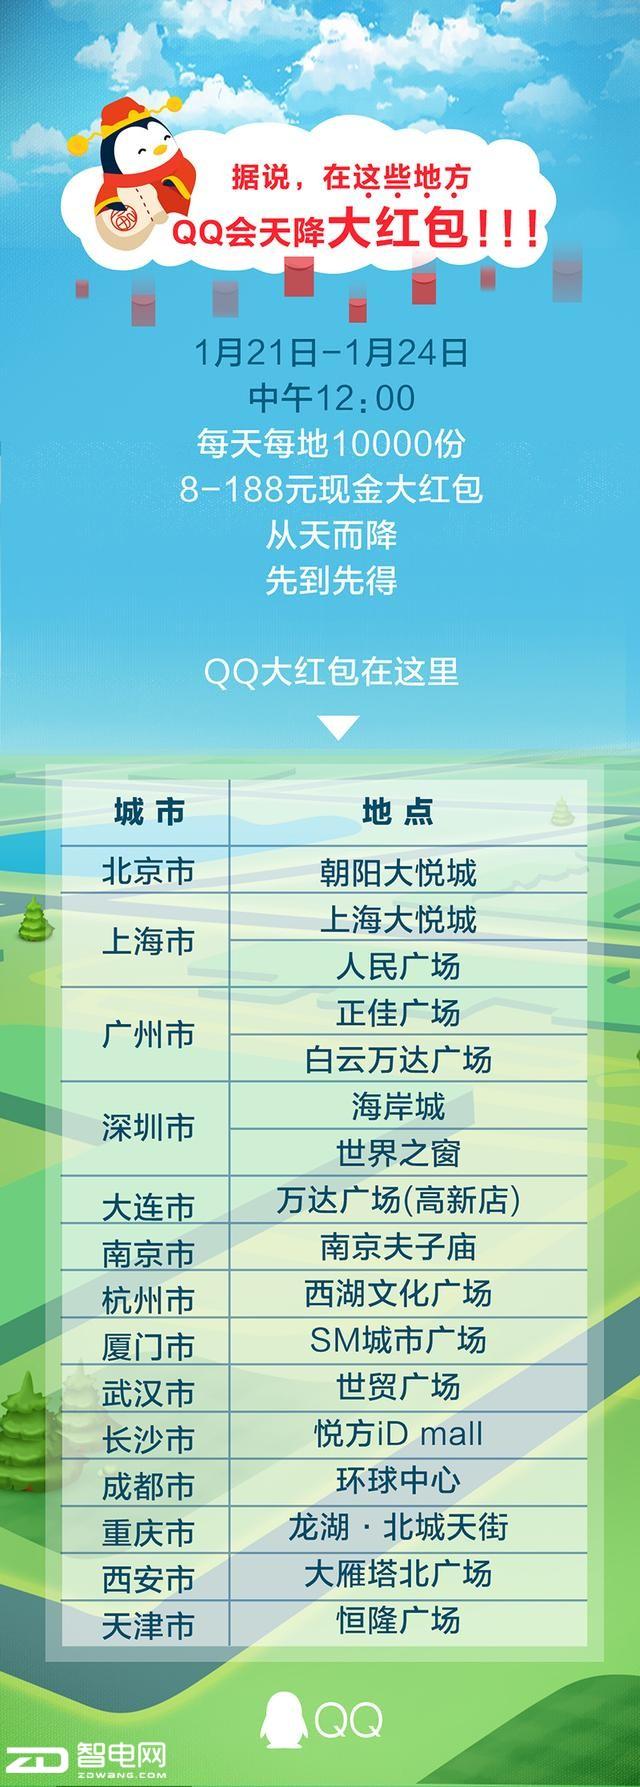 支付宝抢五福火了QQ:我今天发2.5亿大红包